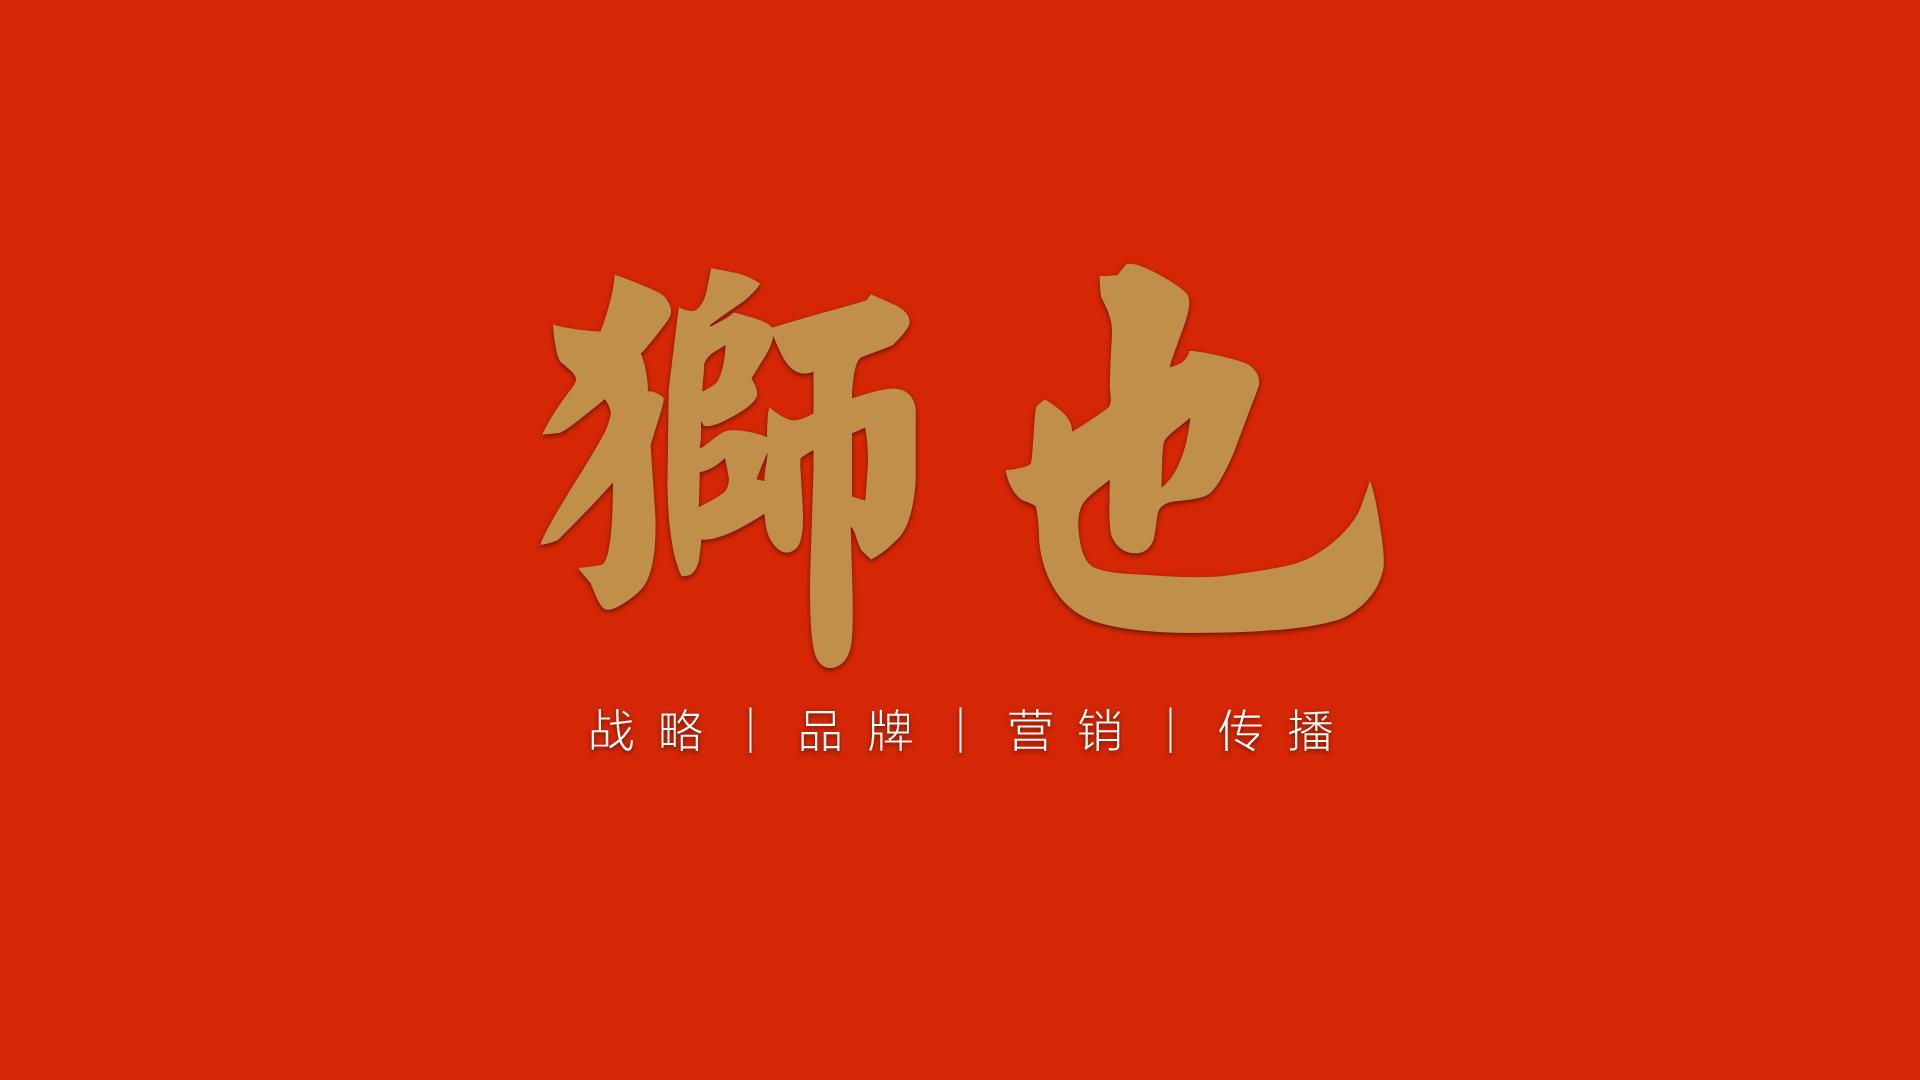 上海营销策划公司—中国企业的品牌软肋:缺乏战略管理